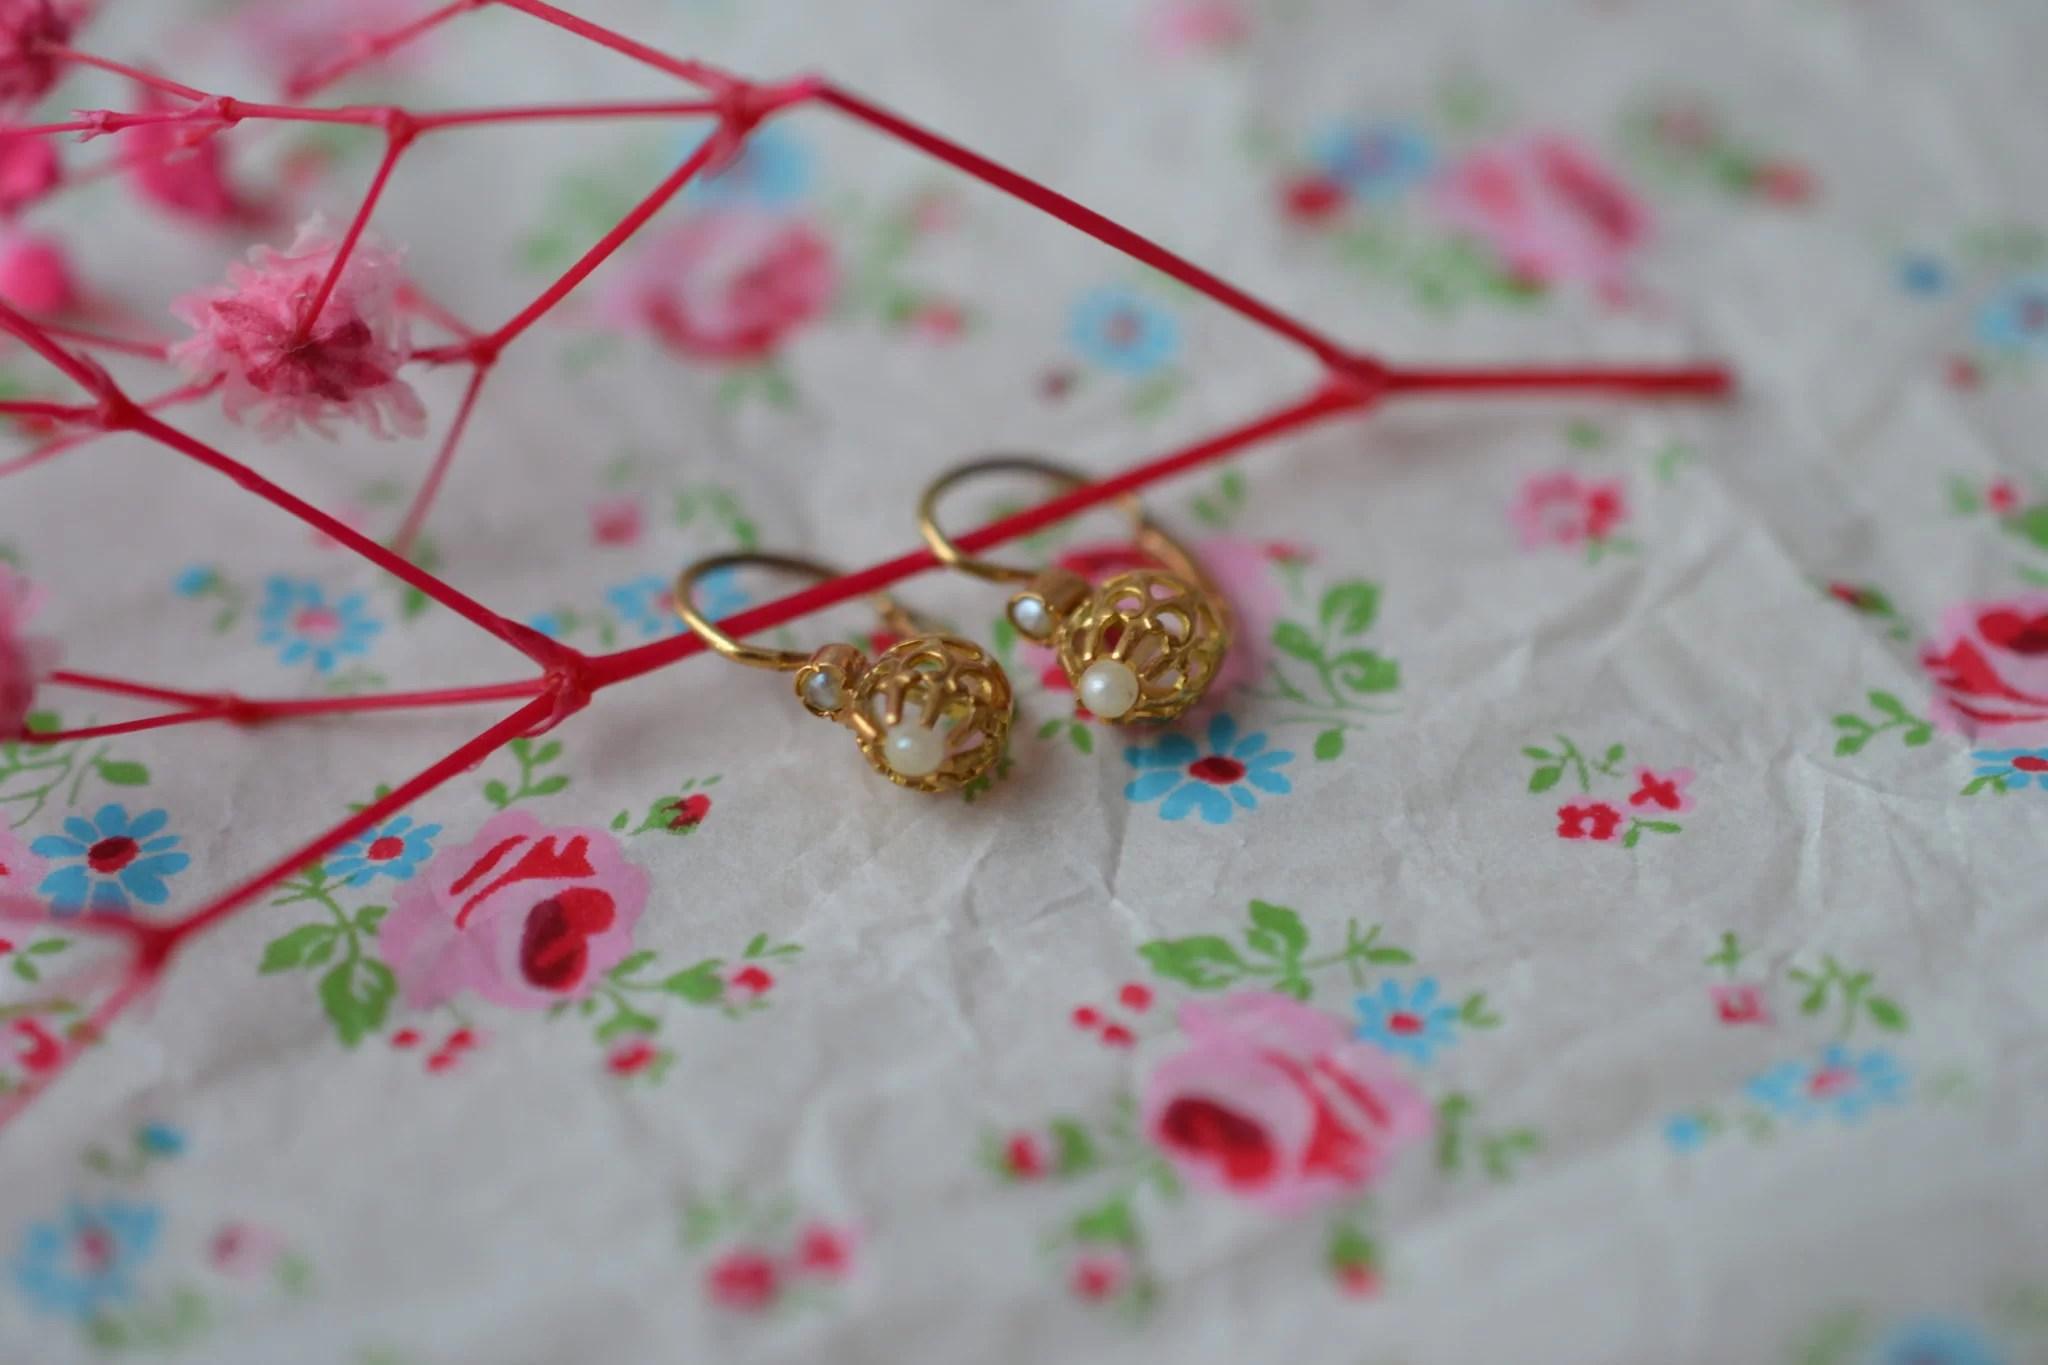 Petite Paire De Boucles D_oreilles Dormeuses En Or Jaune Ornées De Demi-perles - Boucles D_oreilles Anciennes